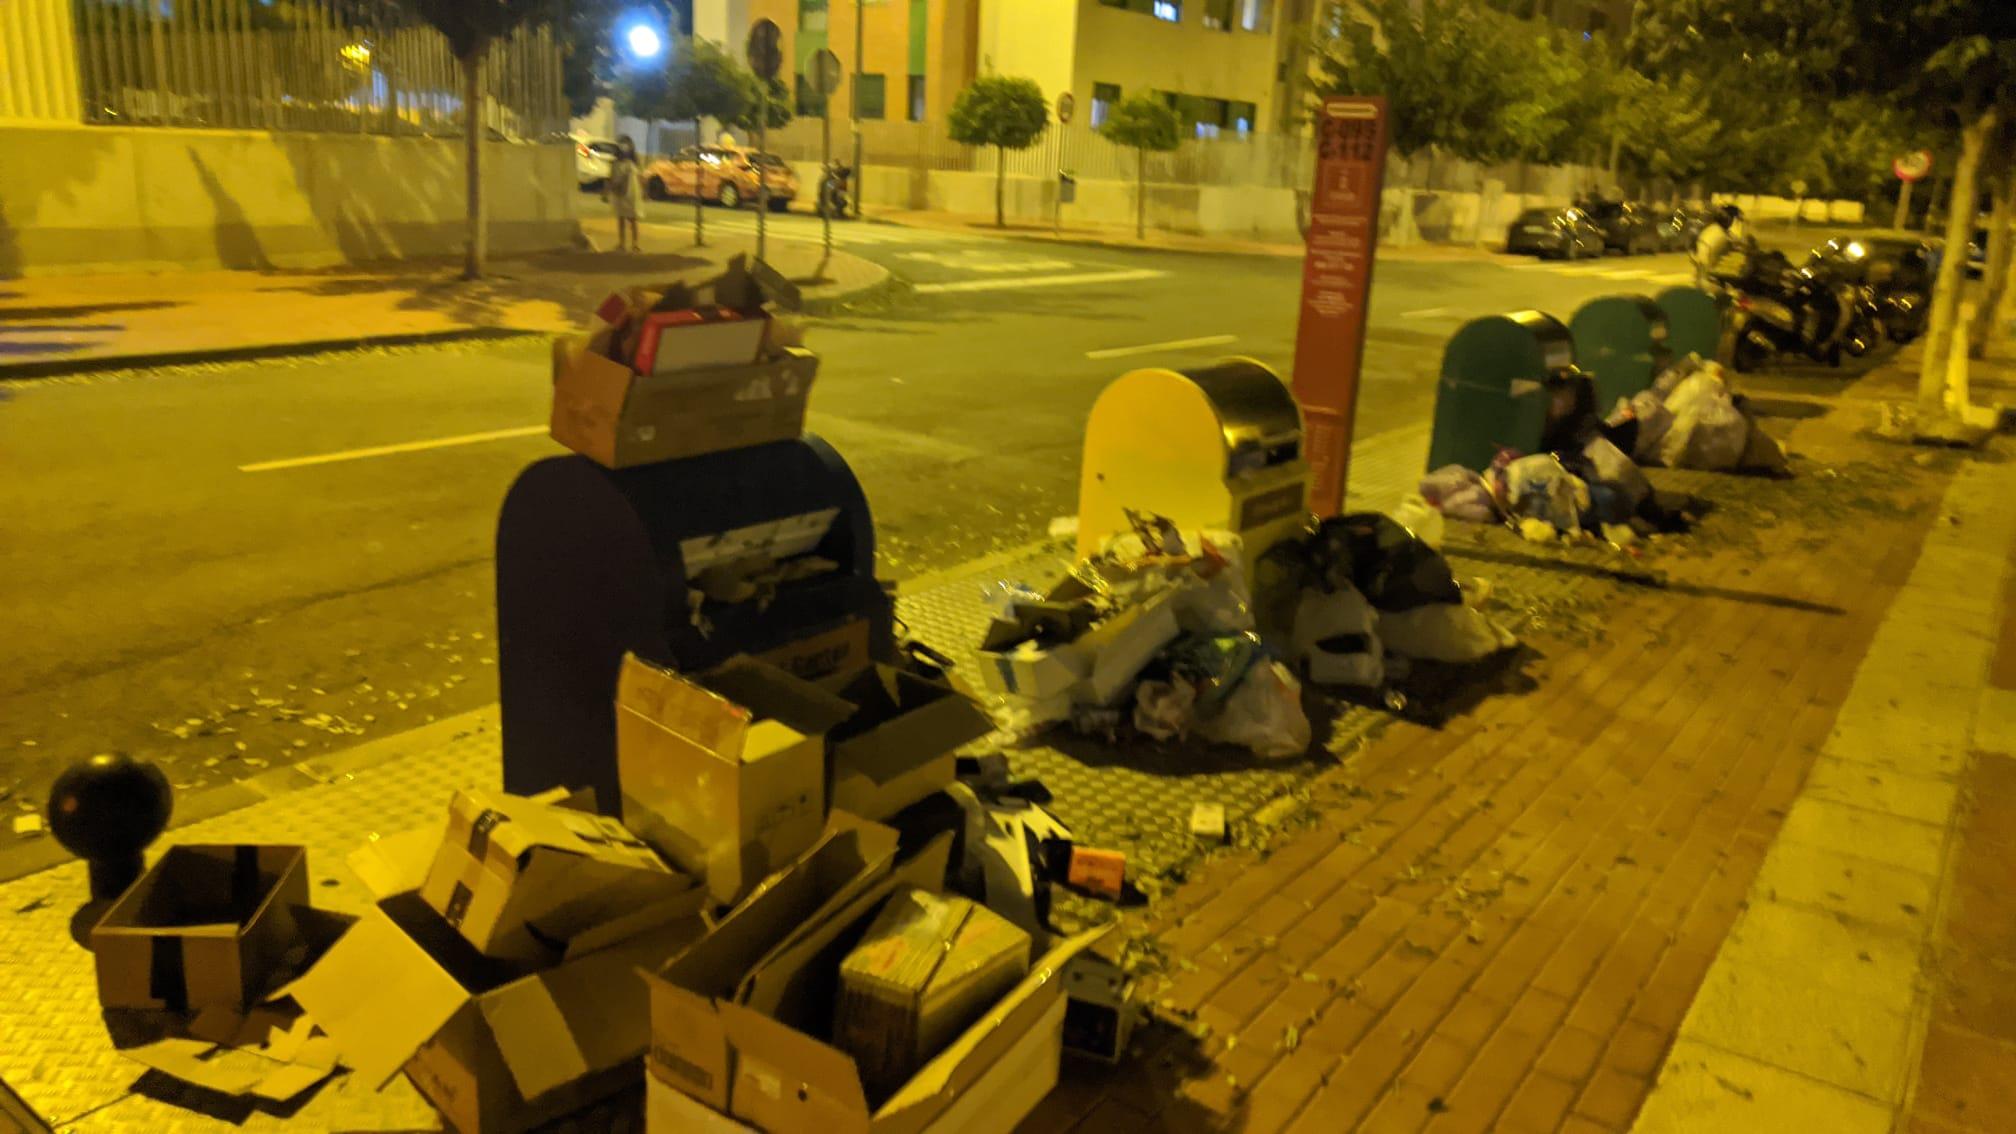 2020-09-21 Contenedor soterrado en Avenida Joven Futura con basura fuera del mismo